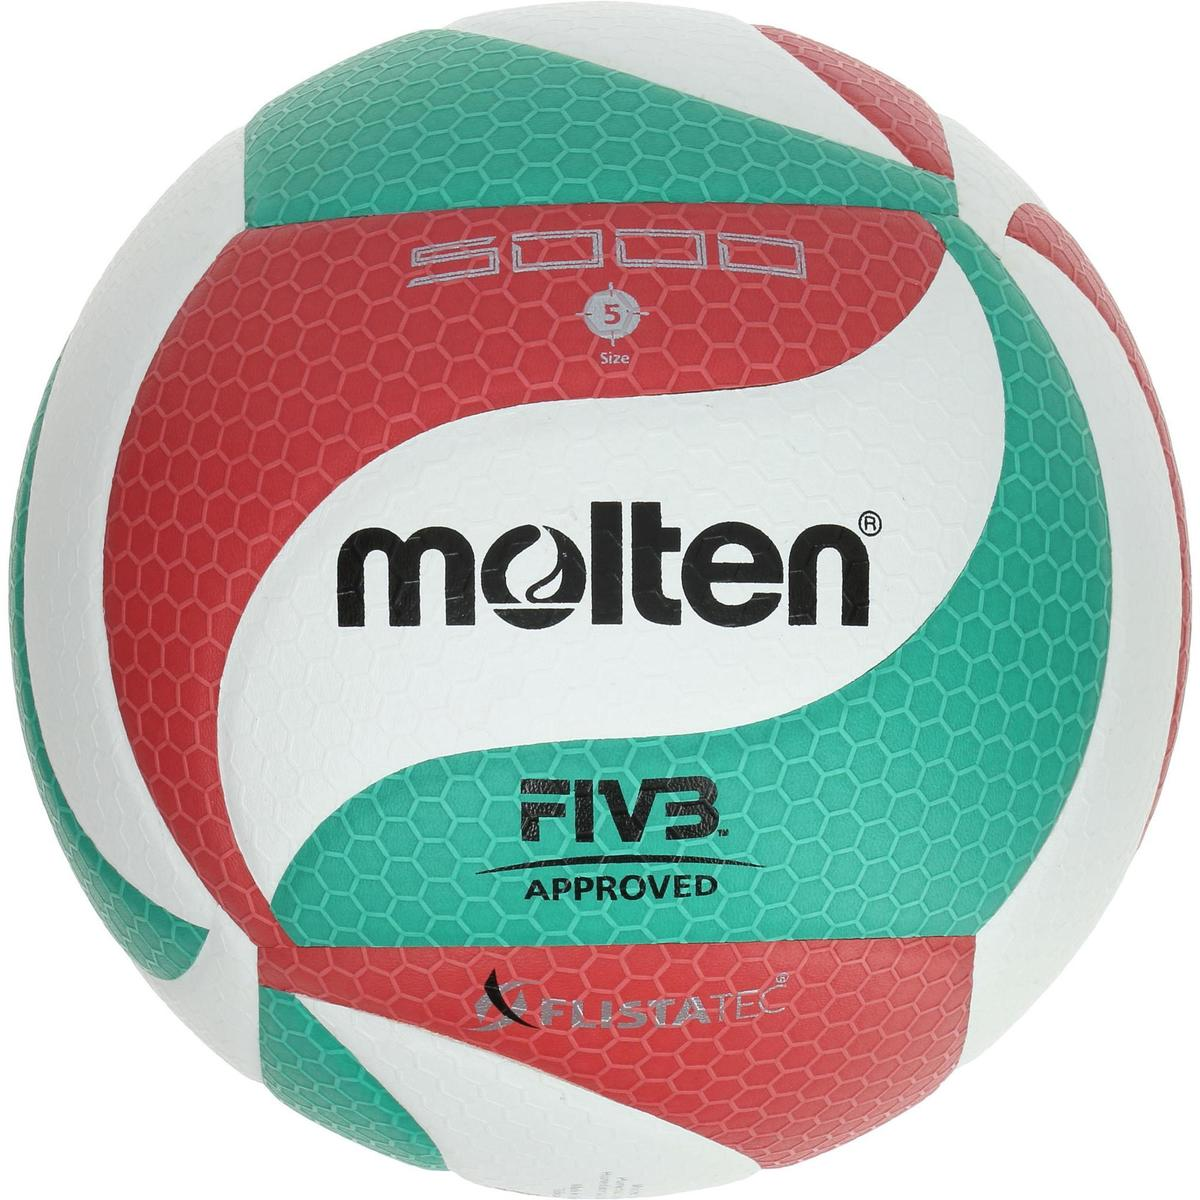 Bild 1 von Volleyball Molten 5000 Indoor grün/rot